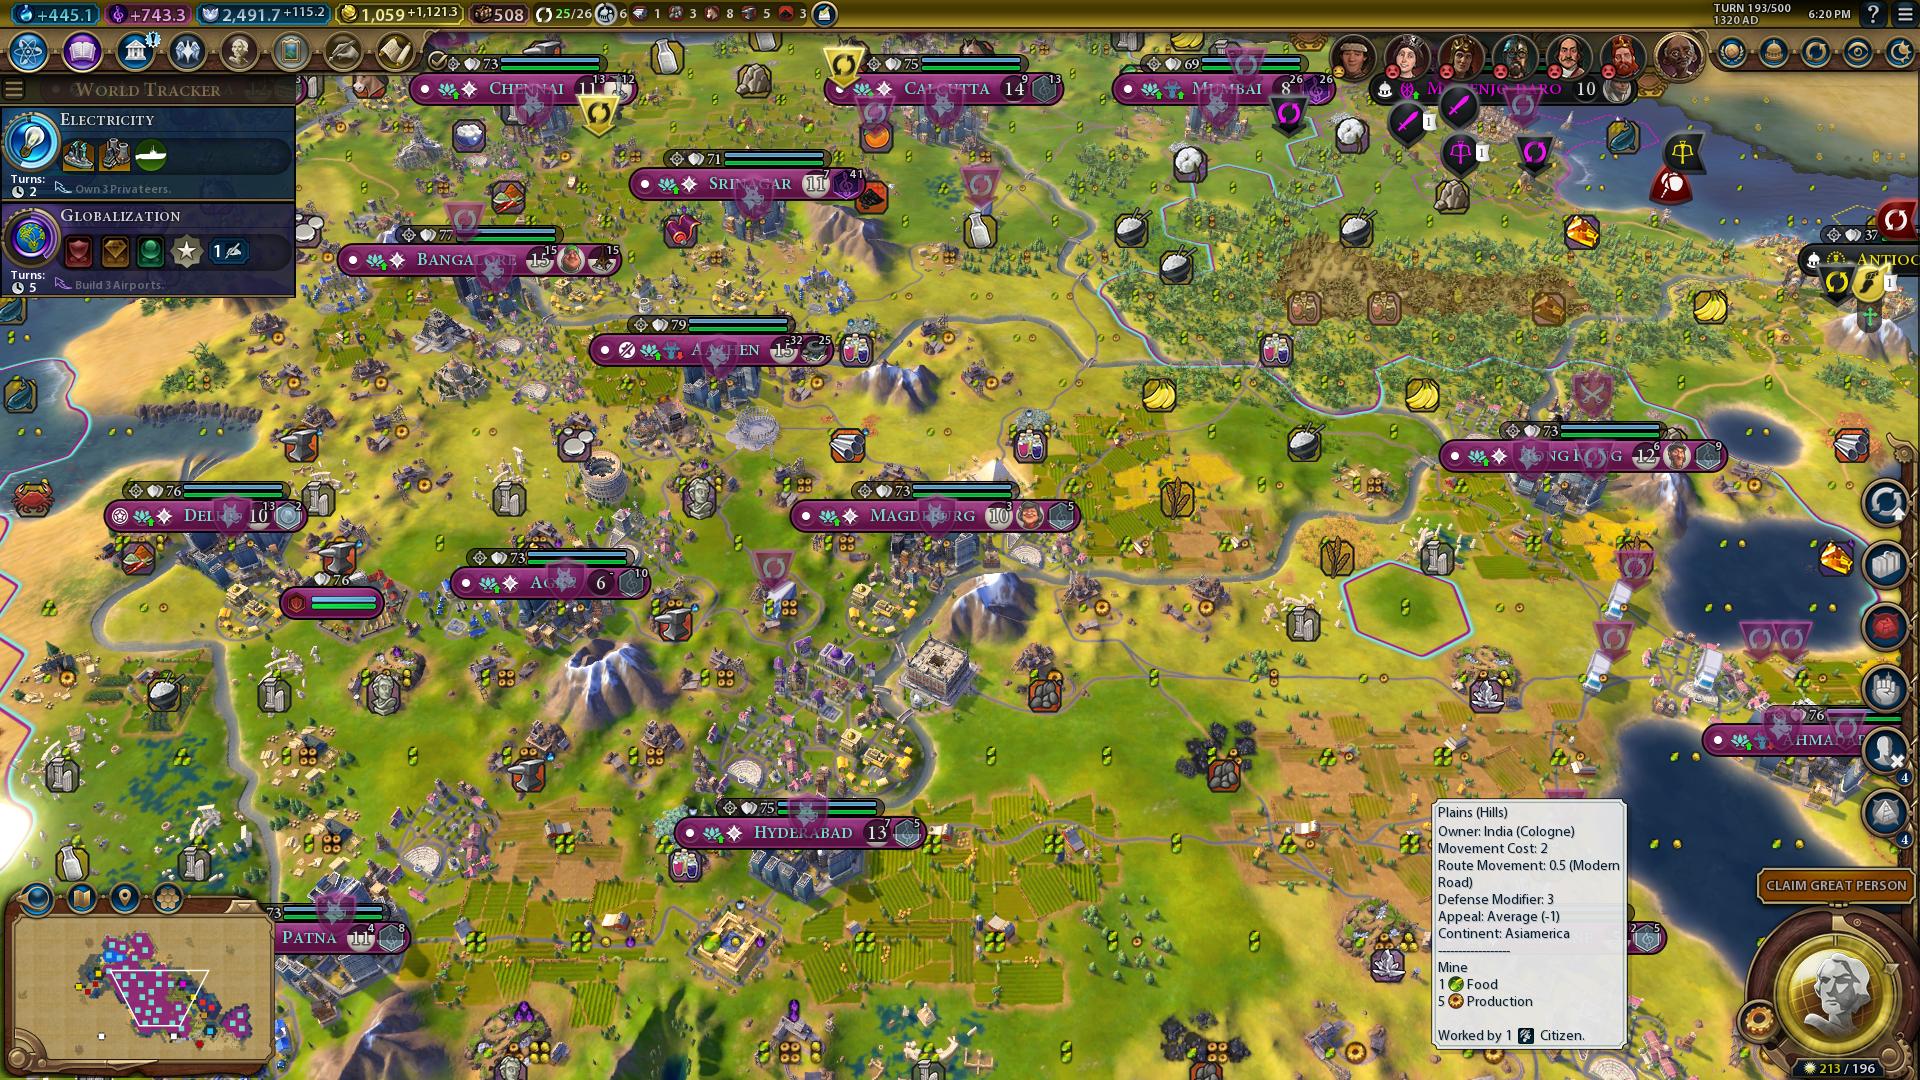 Sid Meier's Civilization VI (DX11) 10_3_2018 6_20_59 PM.png